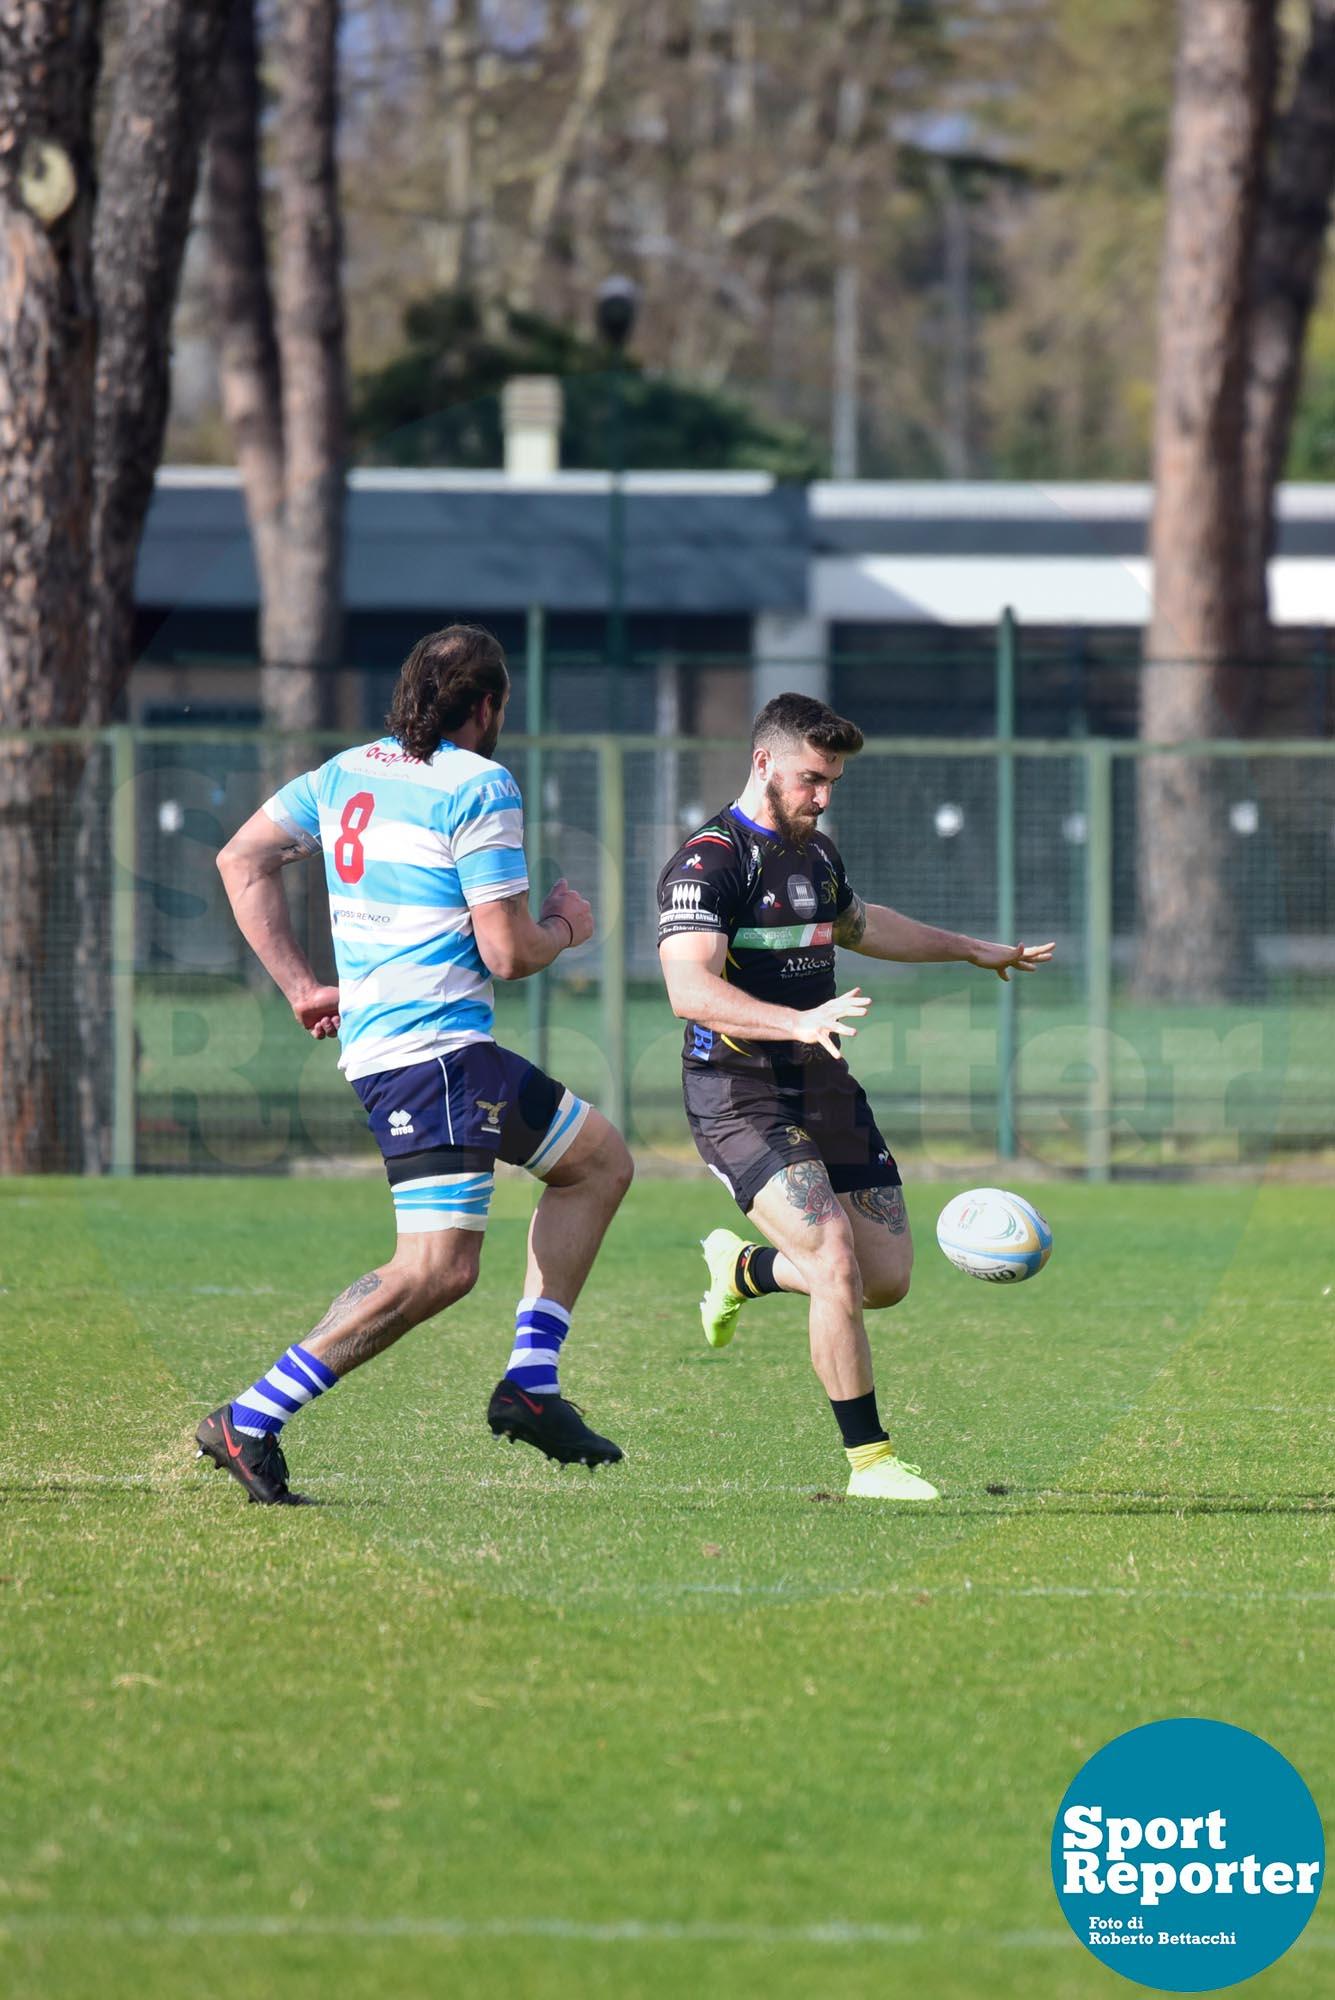 Lazio Rugby vs Viadana© Foto di Roberto Bettacchi